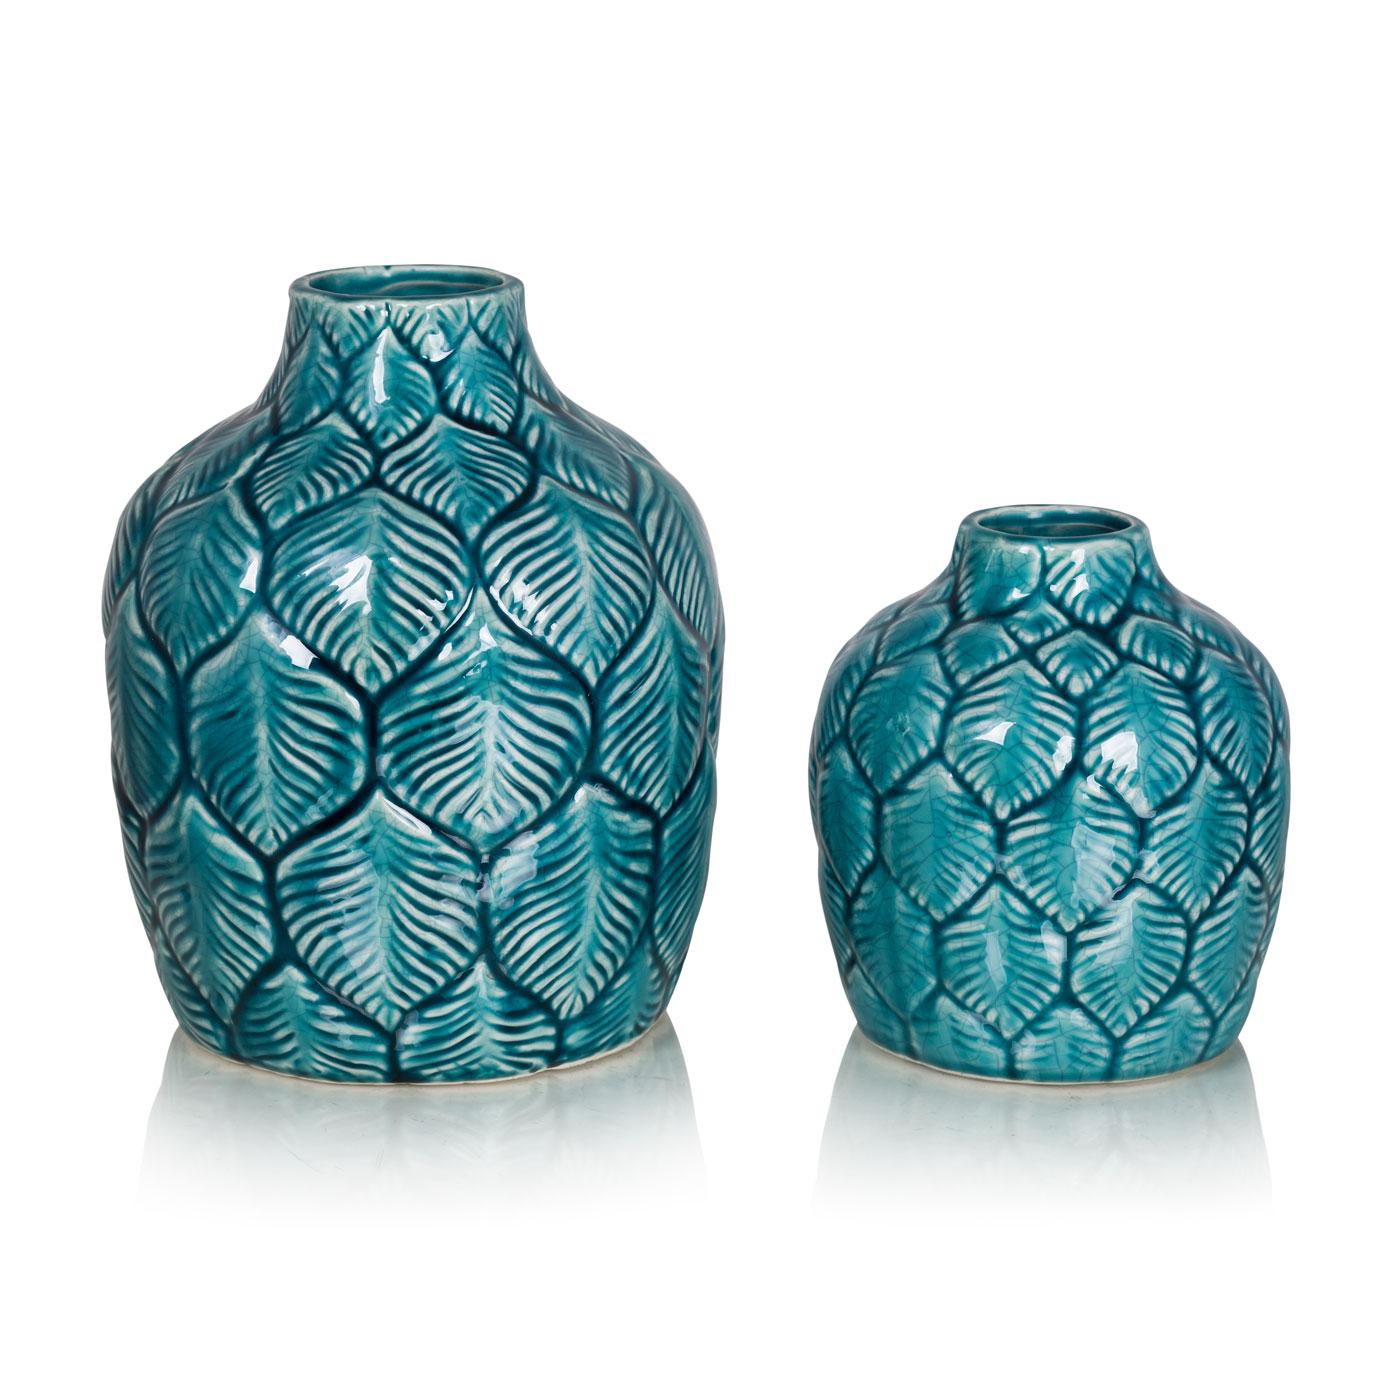 Купить Вазы Home Philosophy, Ваза Palmer Цвет: Бирюзовый (12х14 см, малая), Китай, Керамика